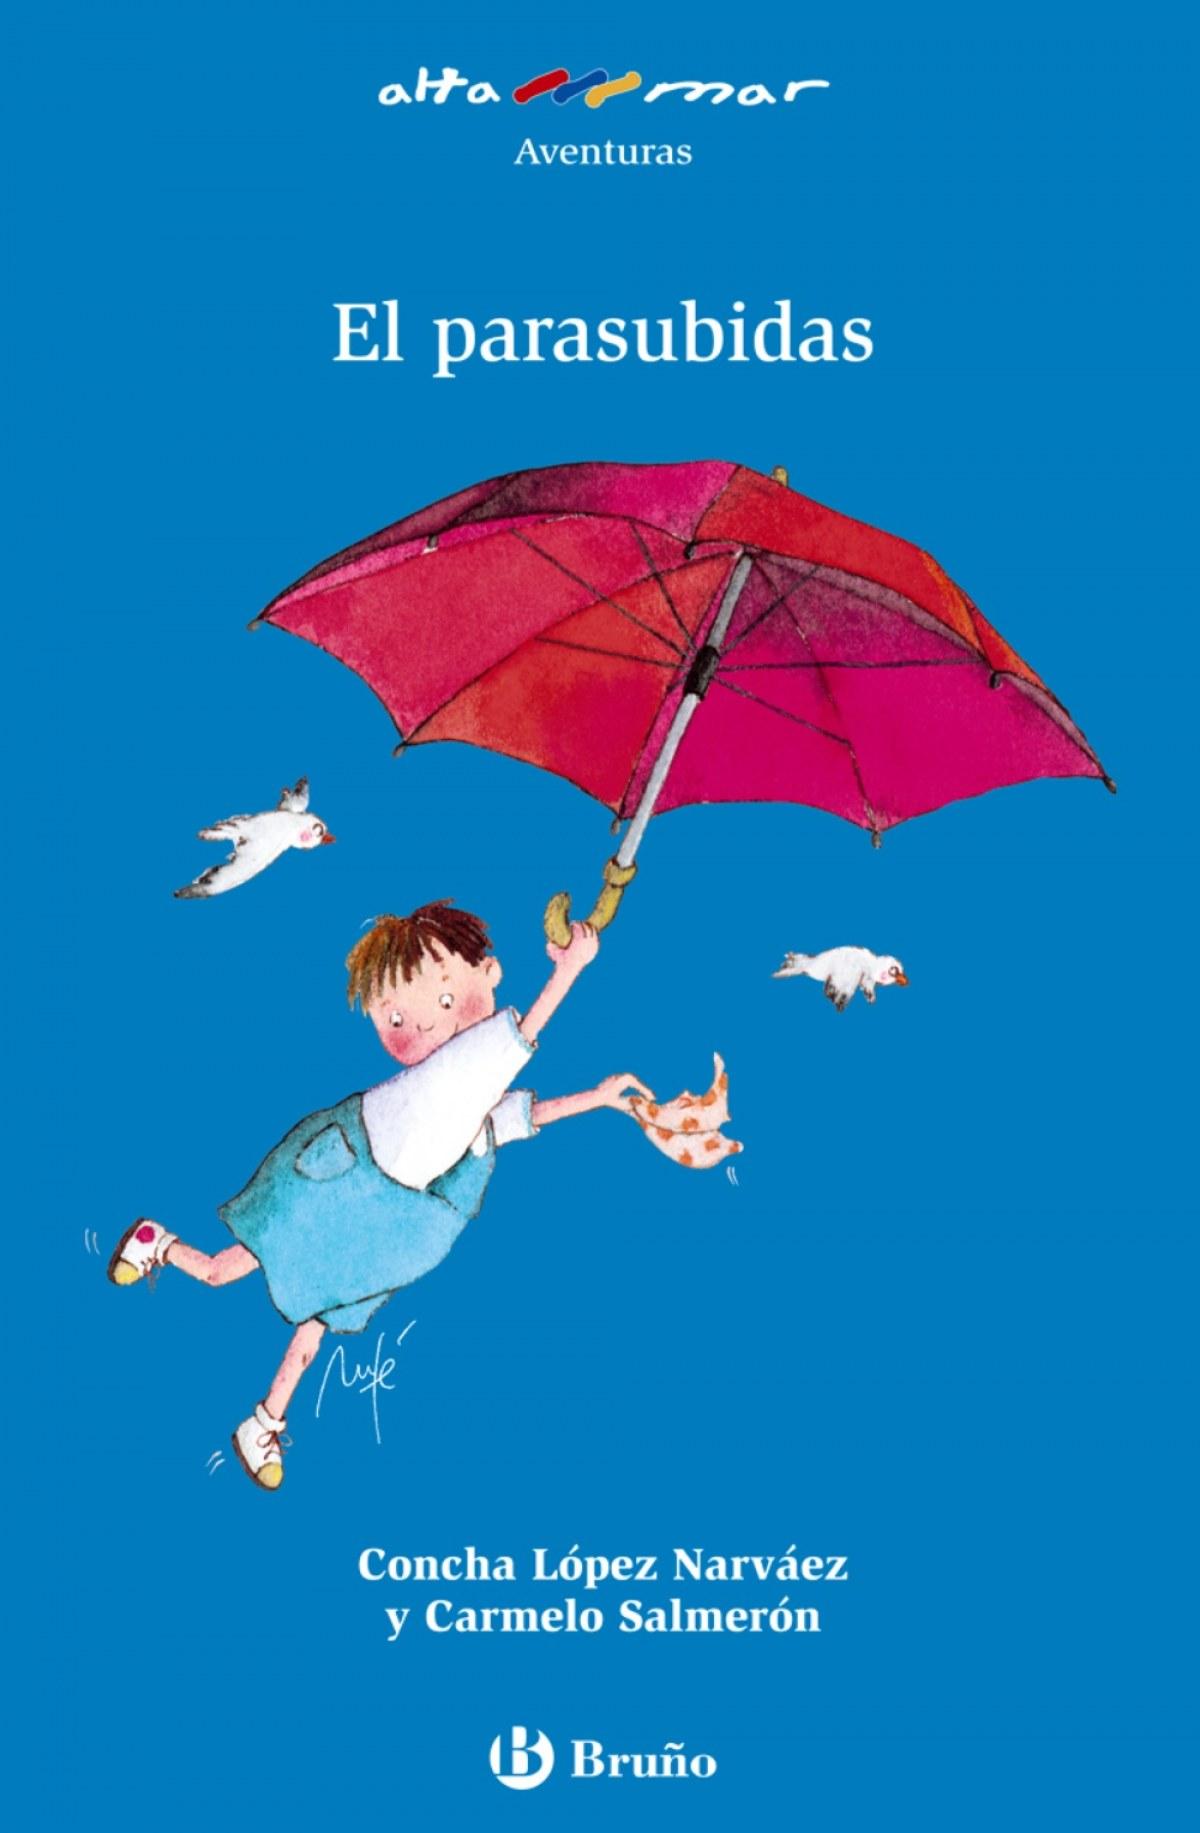 El parasubidas - López Narváez, Concha/Salmerón, Carmelo